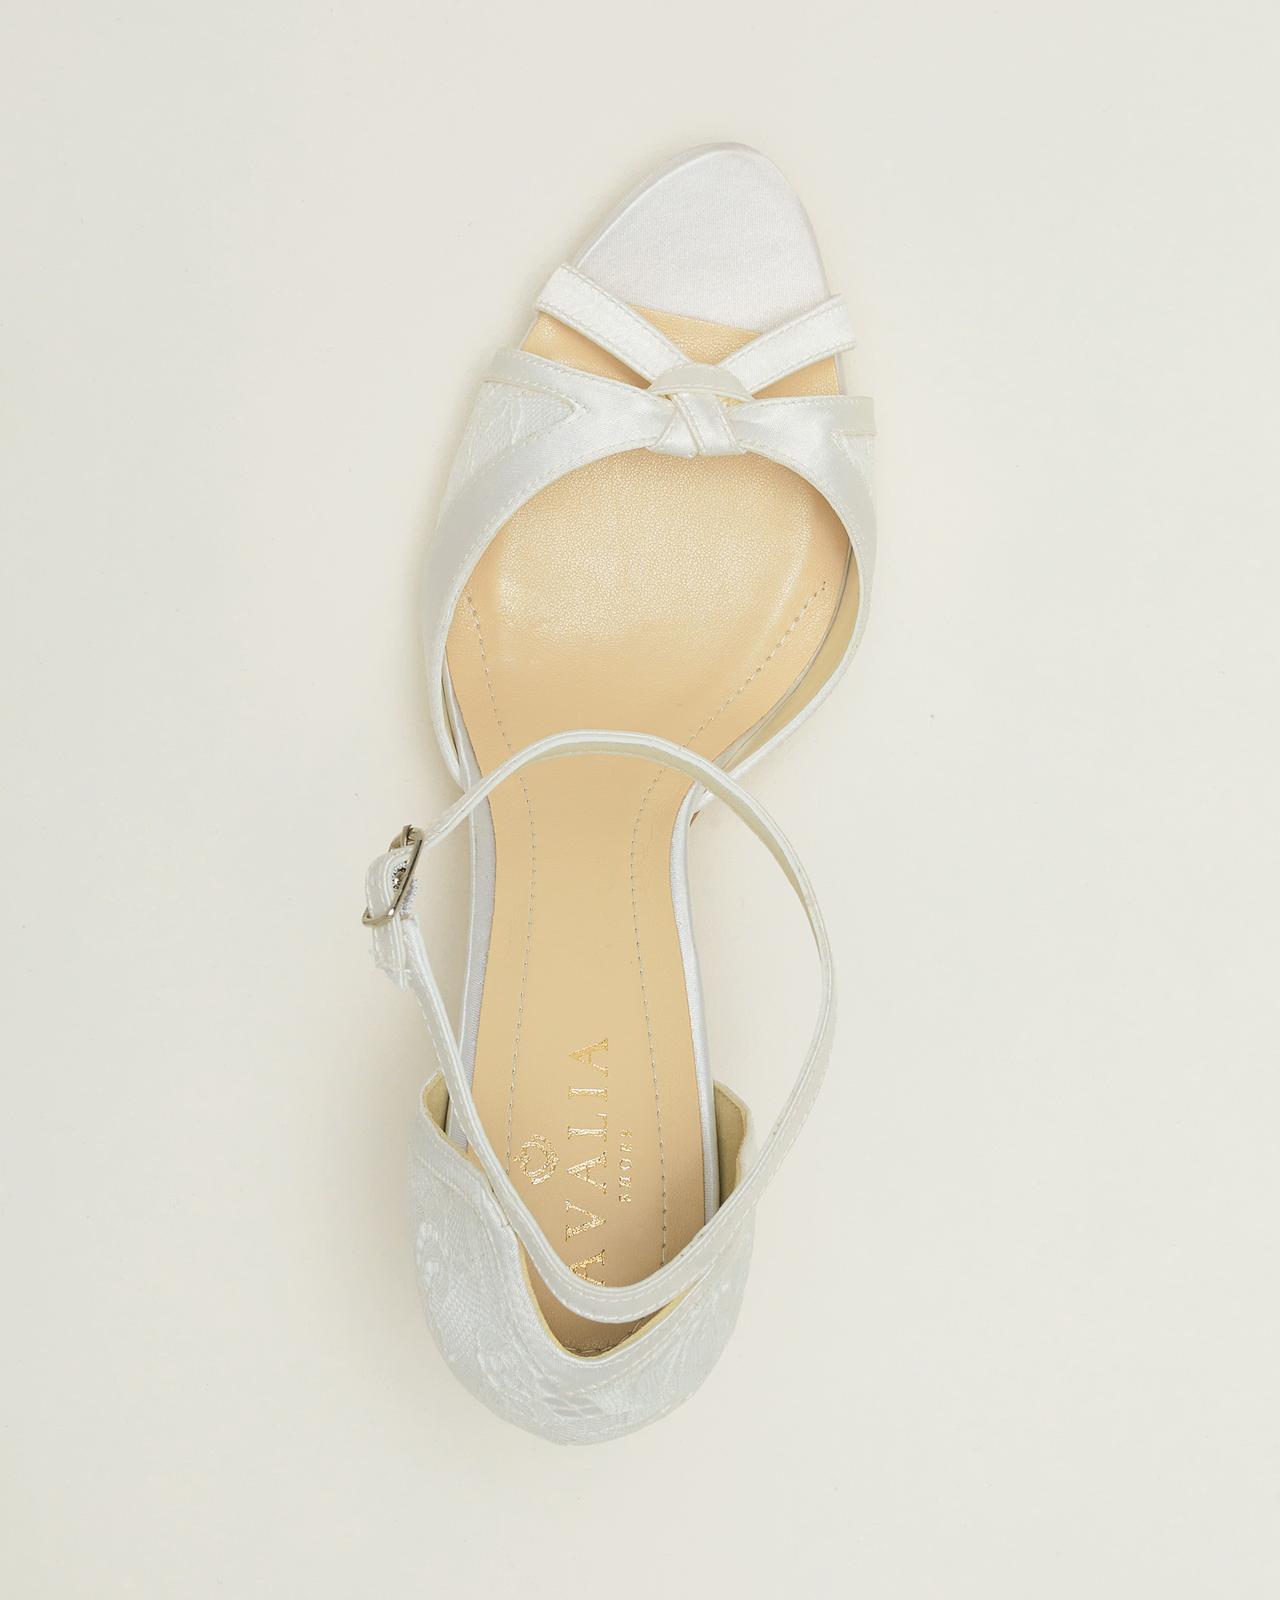 Svadobné topánky Alba - Obrázok č. 3